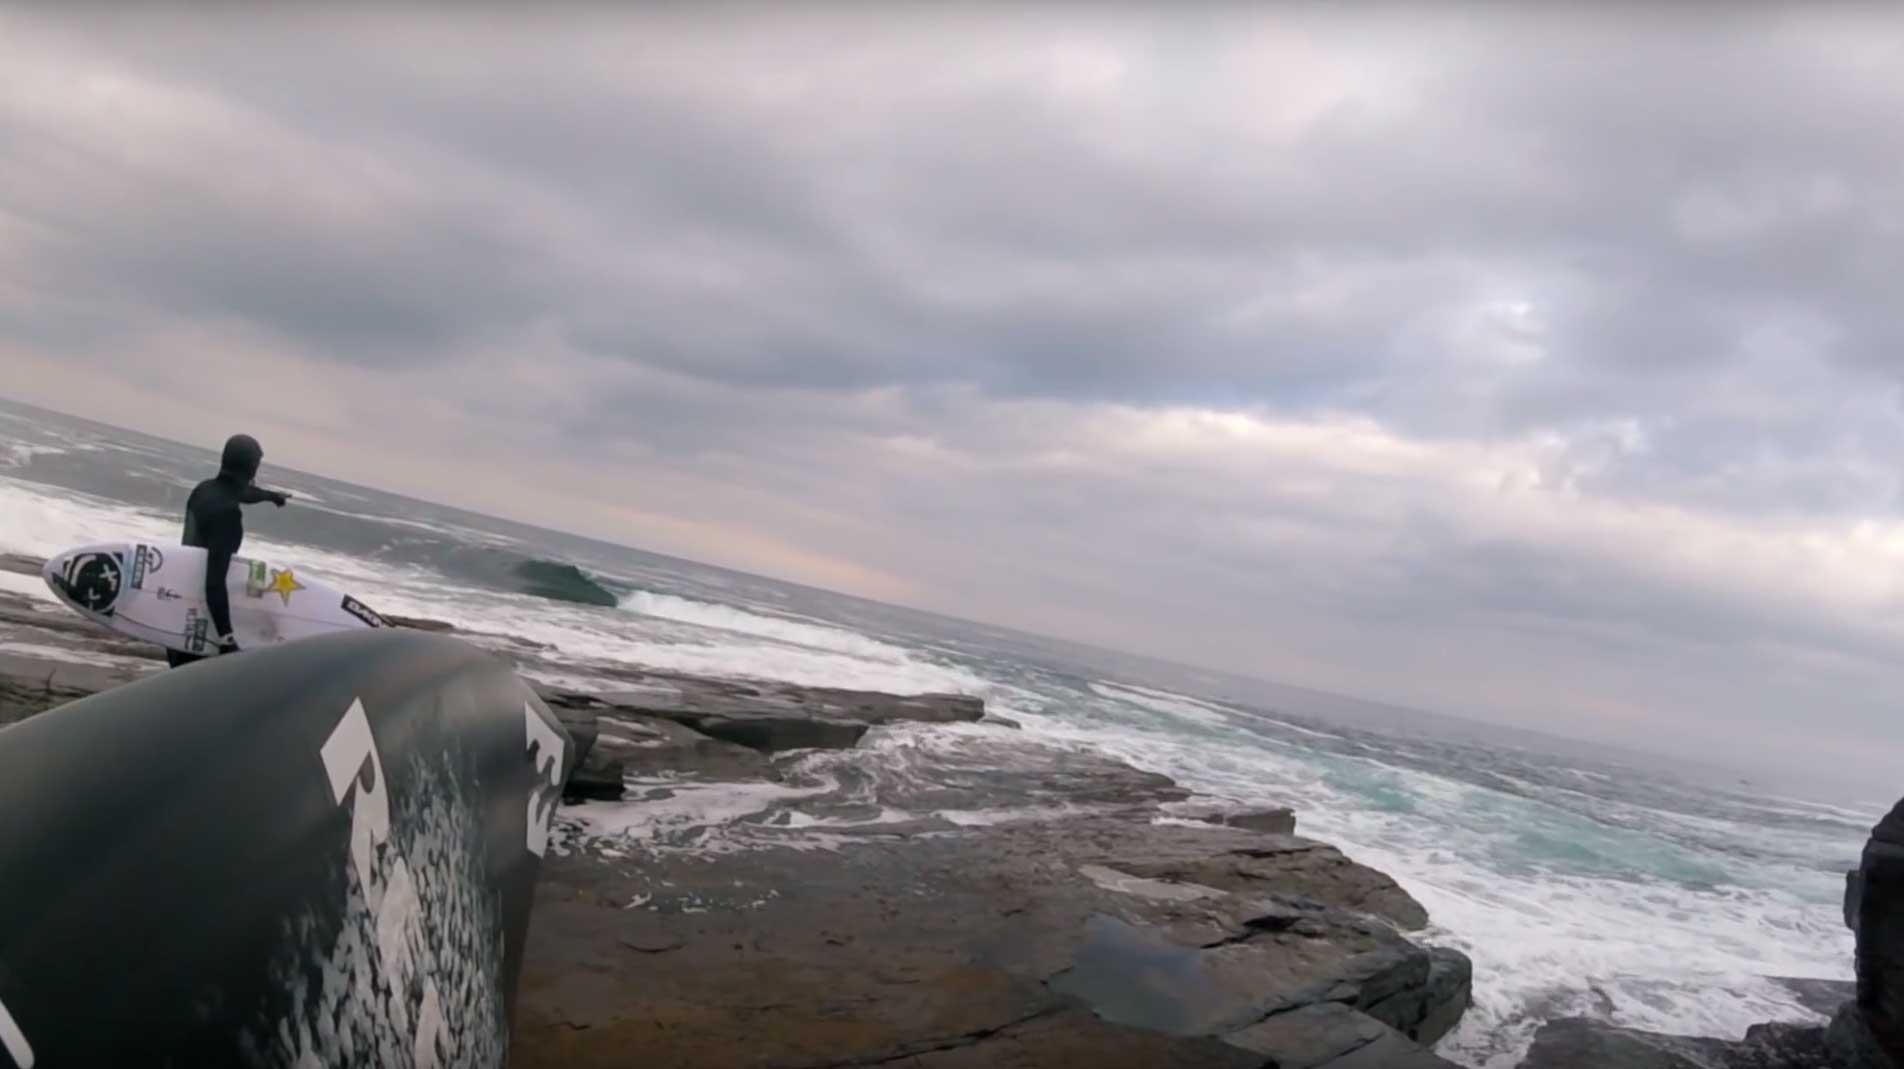 Wenn die richtige Welle kam, formte sie eine perfekte Tube - bevor sie auf den Felsen detonierte.